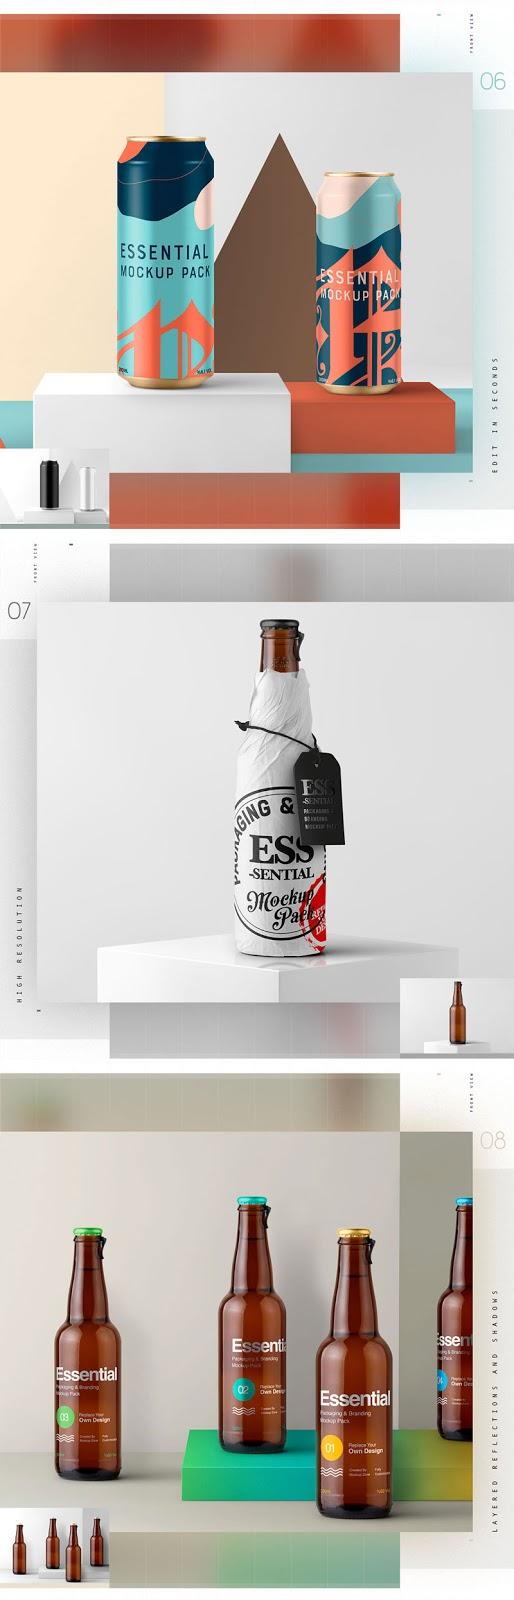 Essential Packaging Branding Mockup 1351937 3